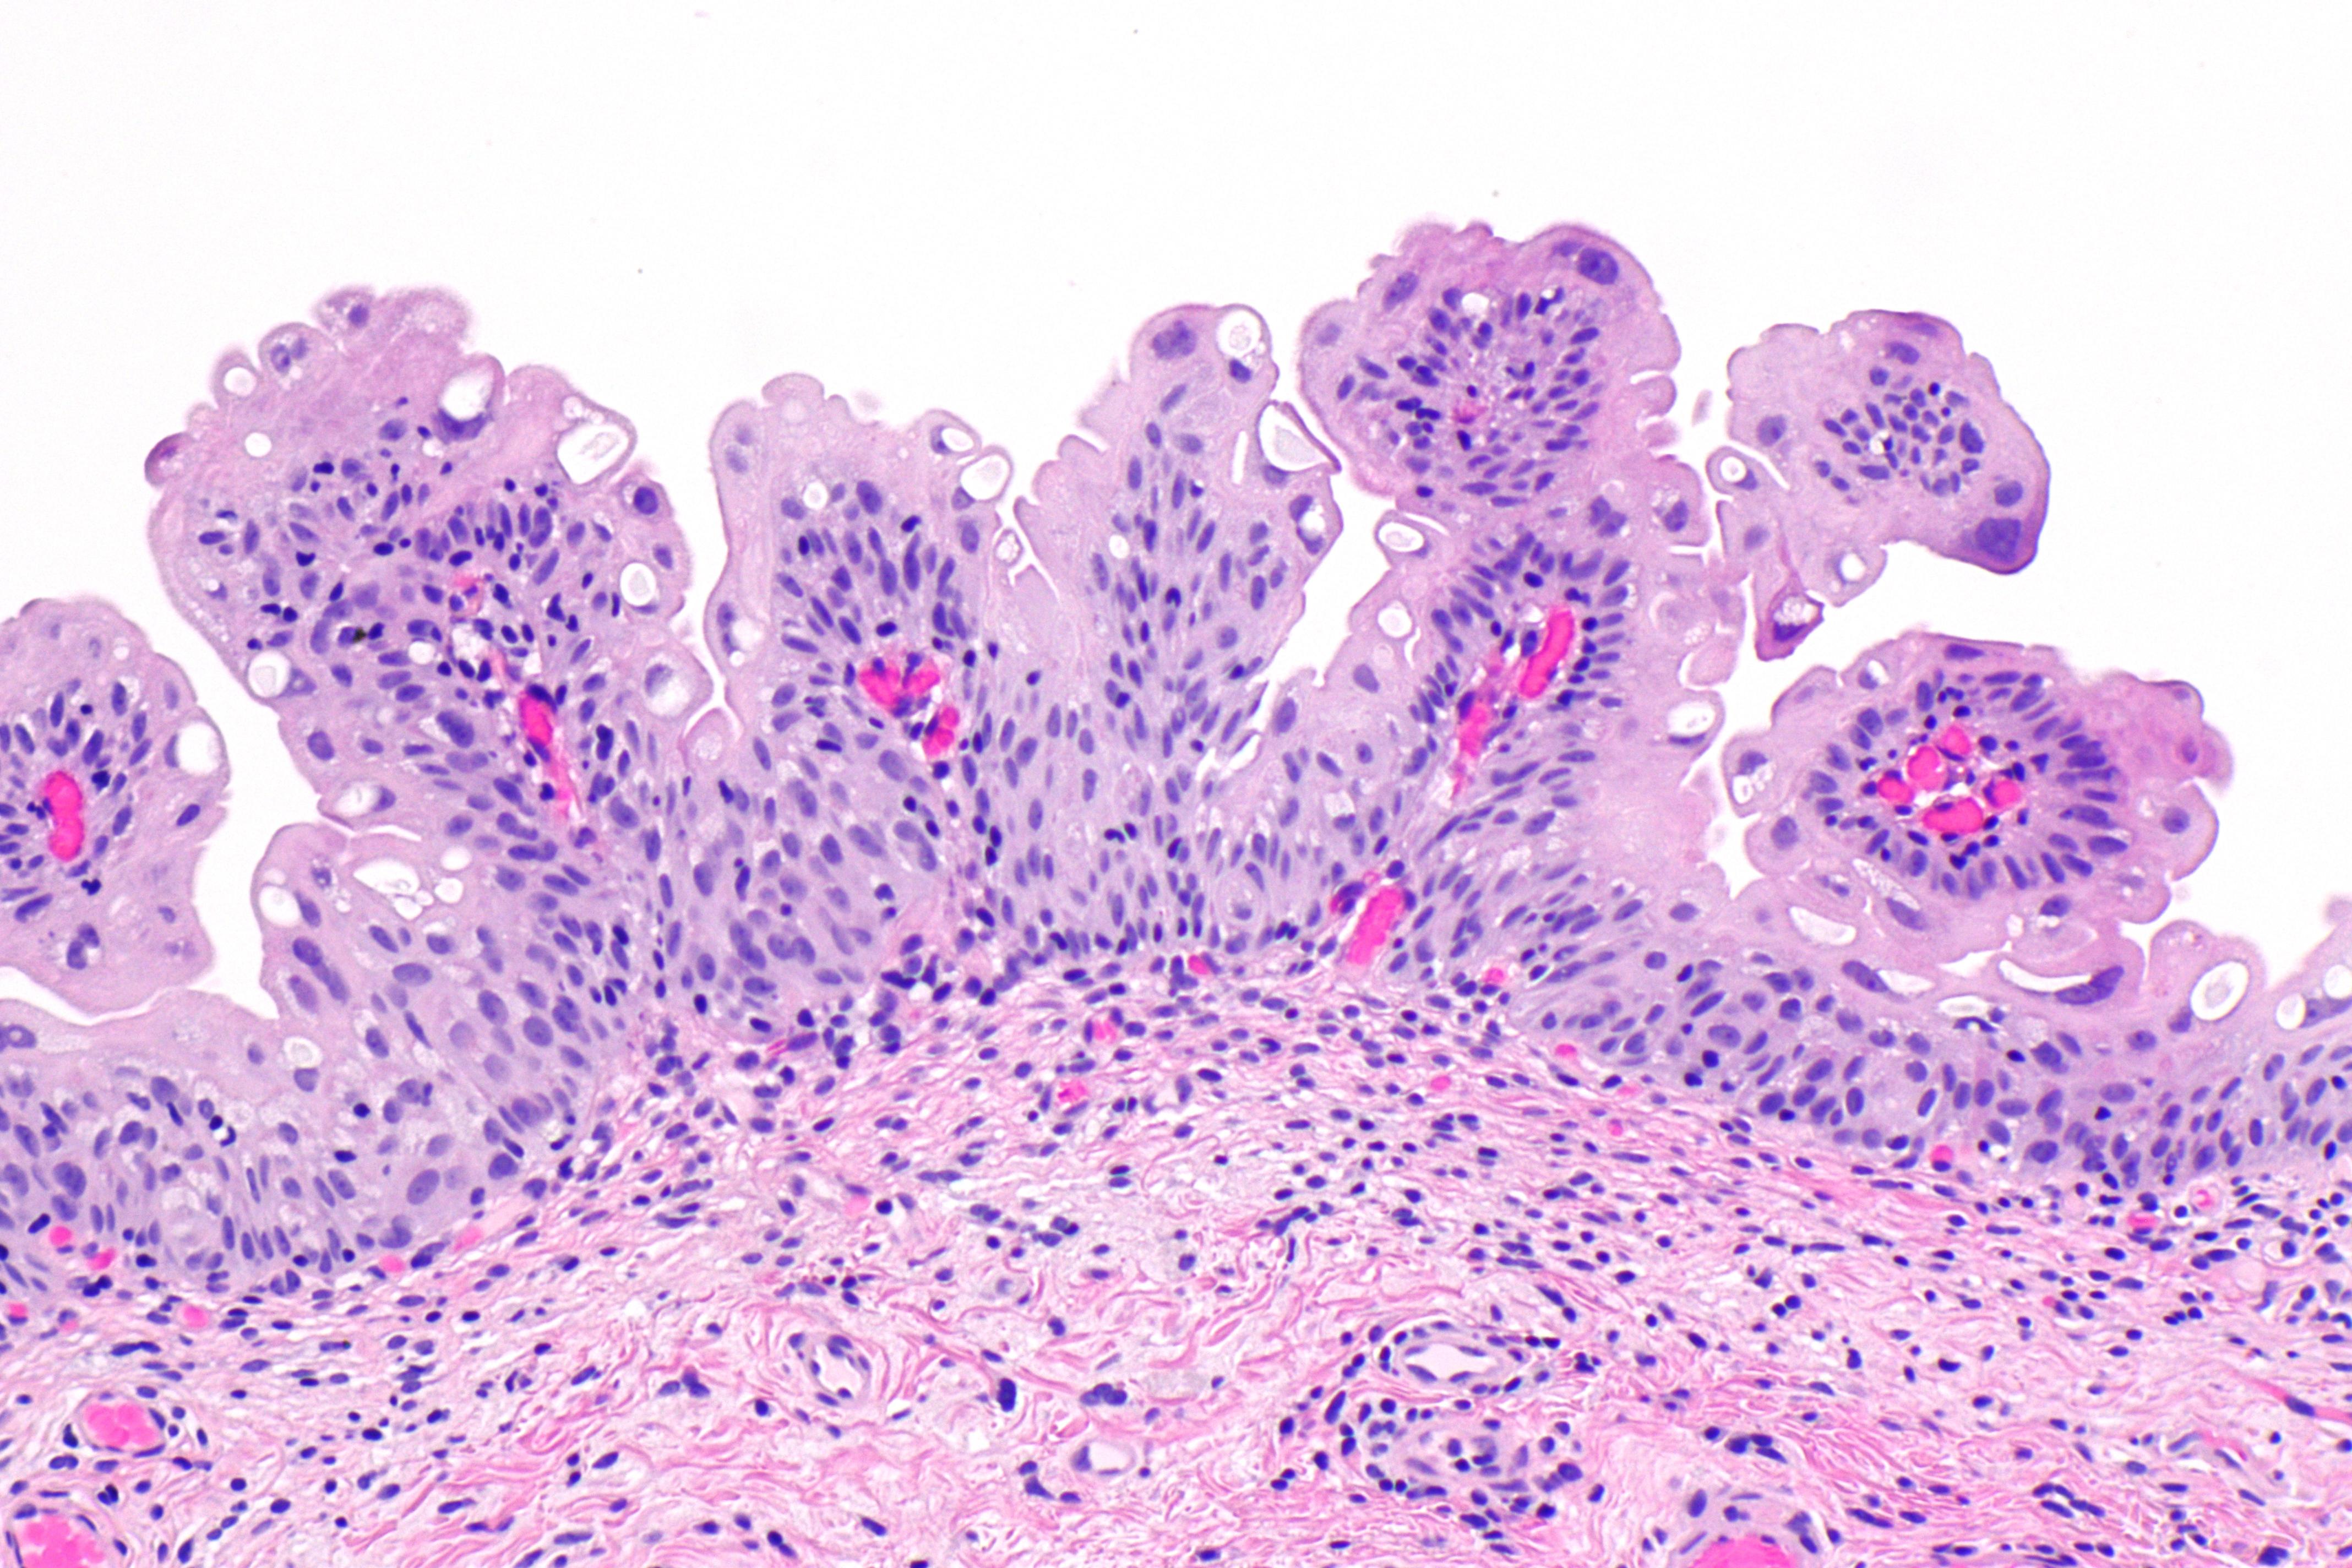 urothelialis papilloma)